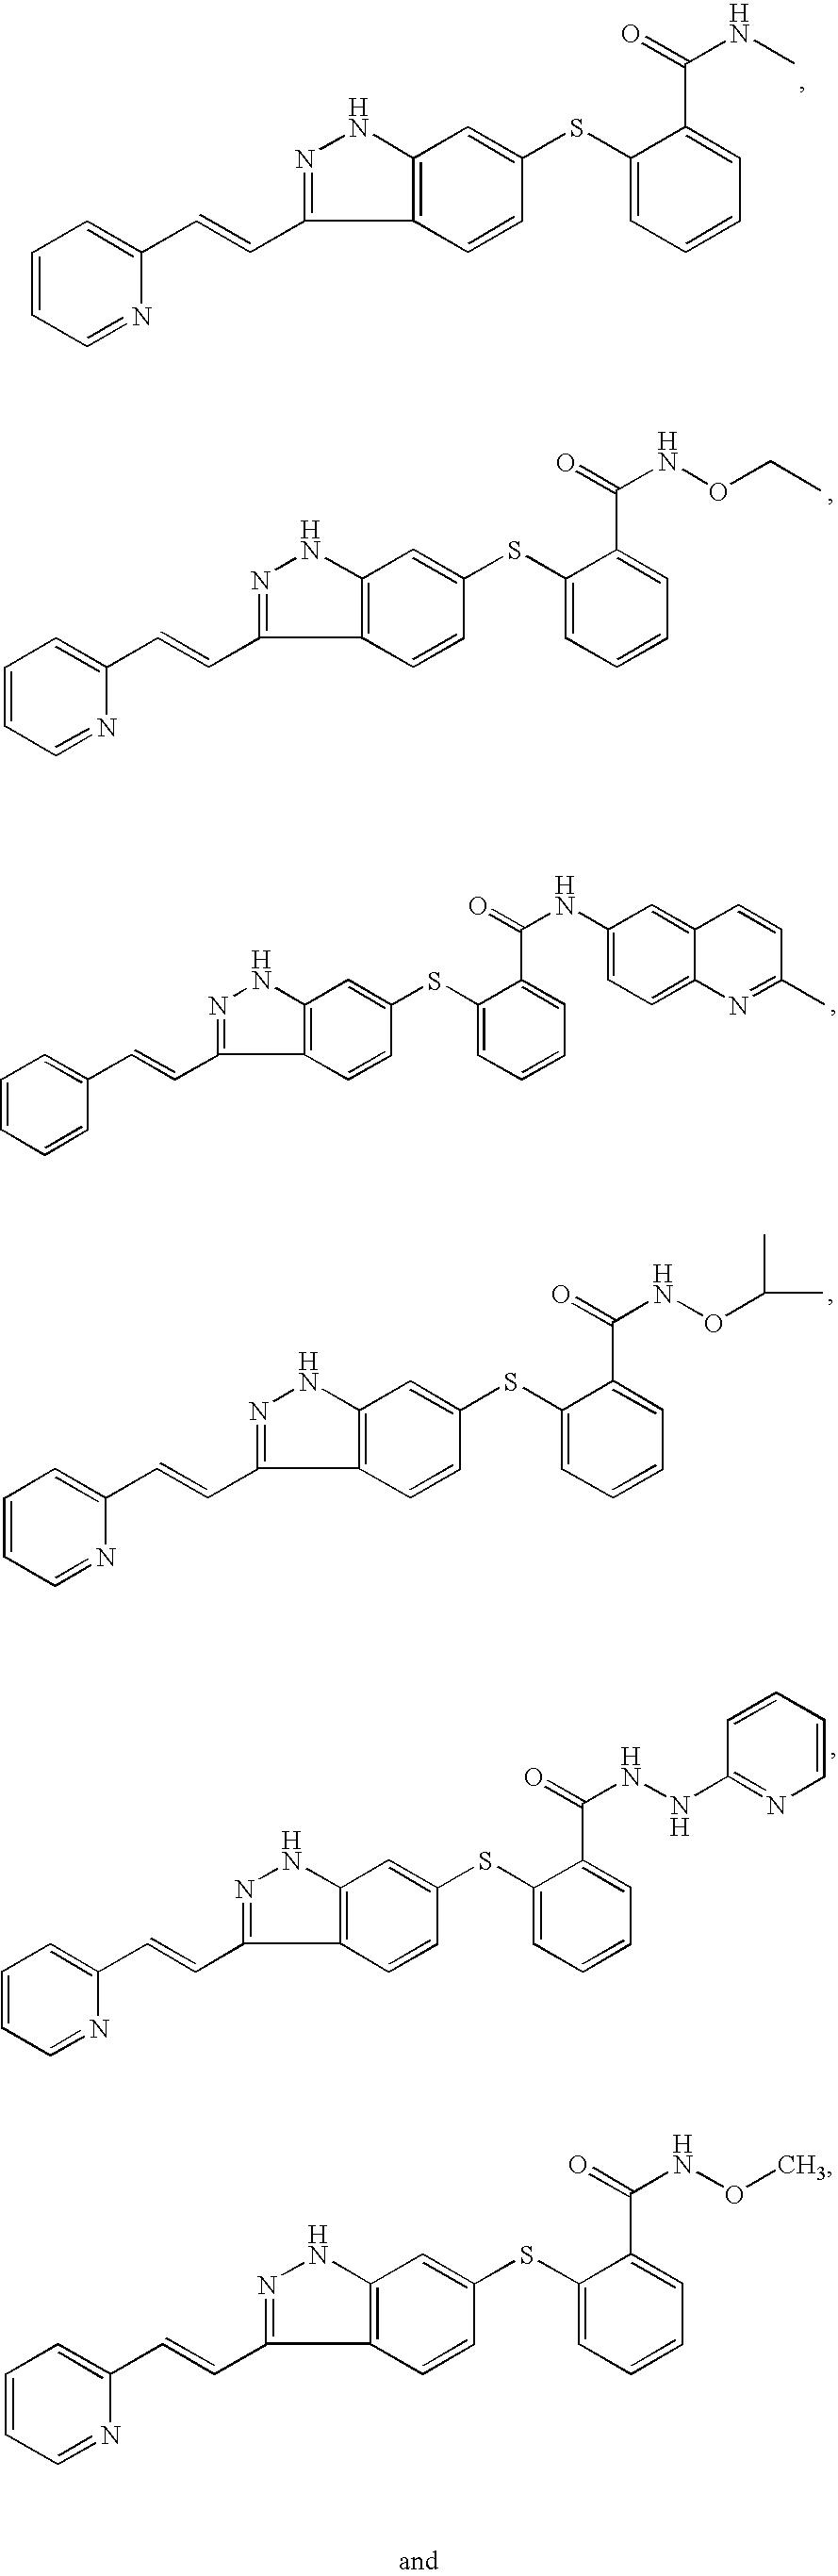 Figure US07141581-20061128-C00017